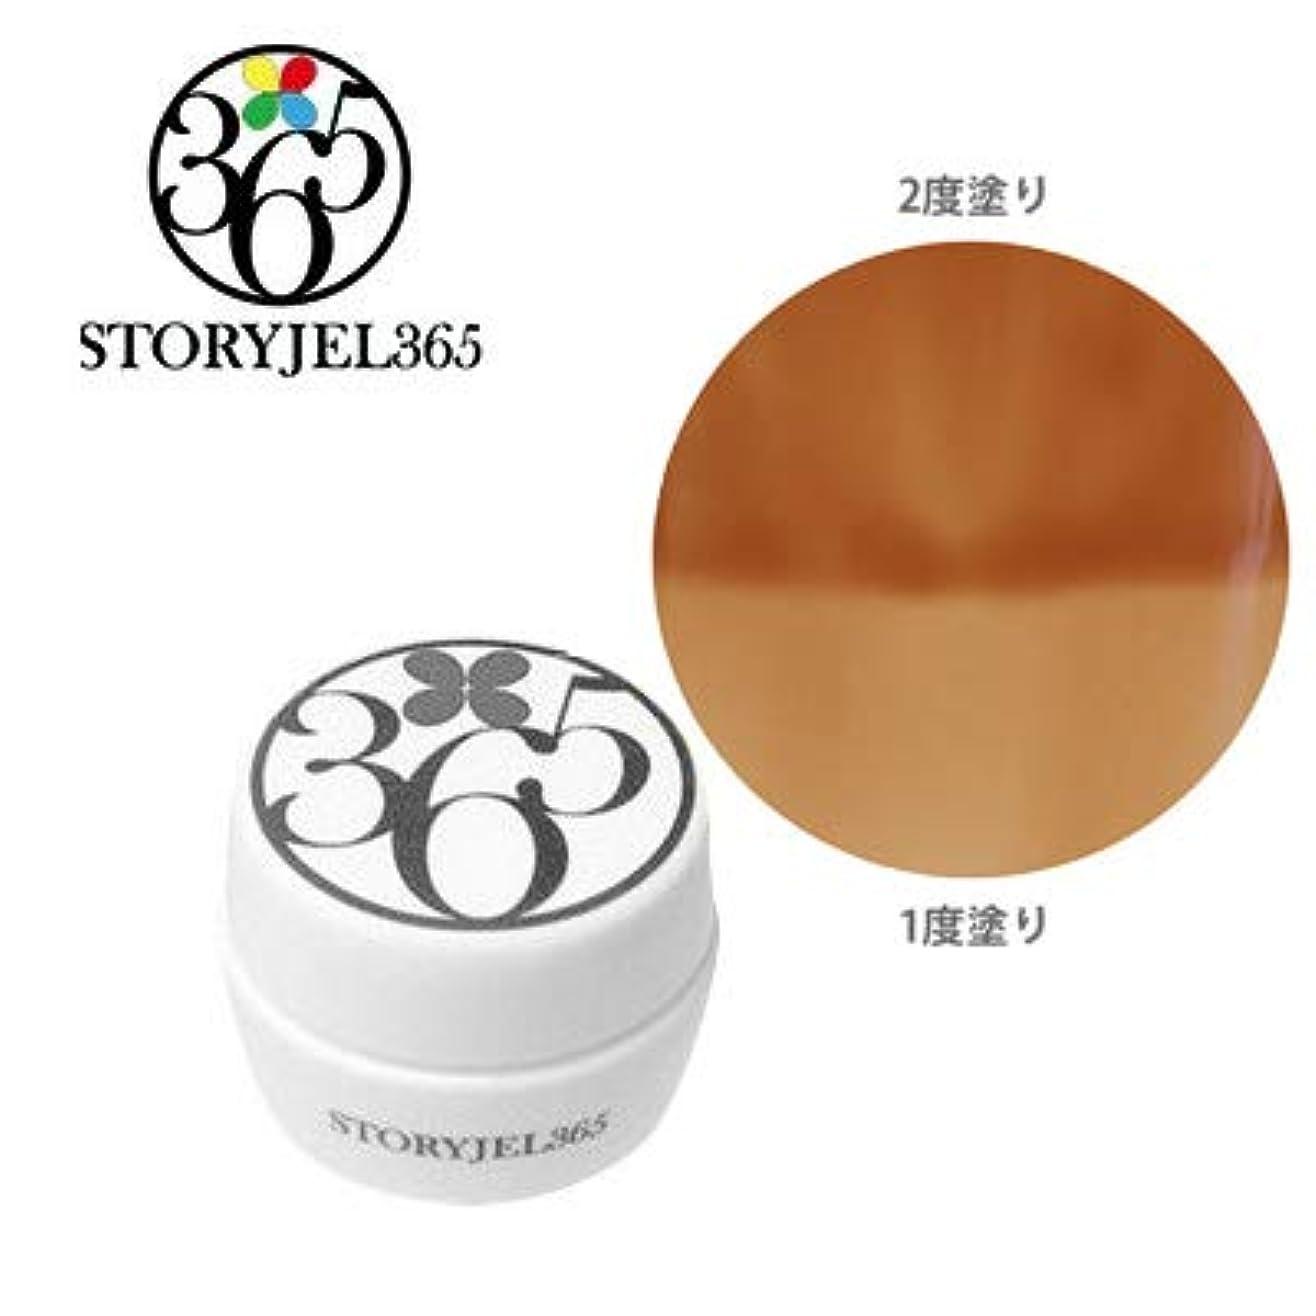 原子ハウスカップSTORY JEL365 カラージェル SJS-170S ブラックコーヒー